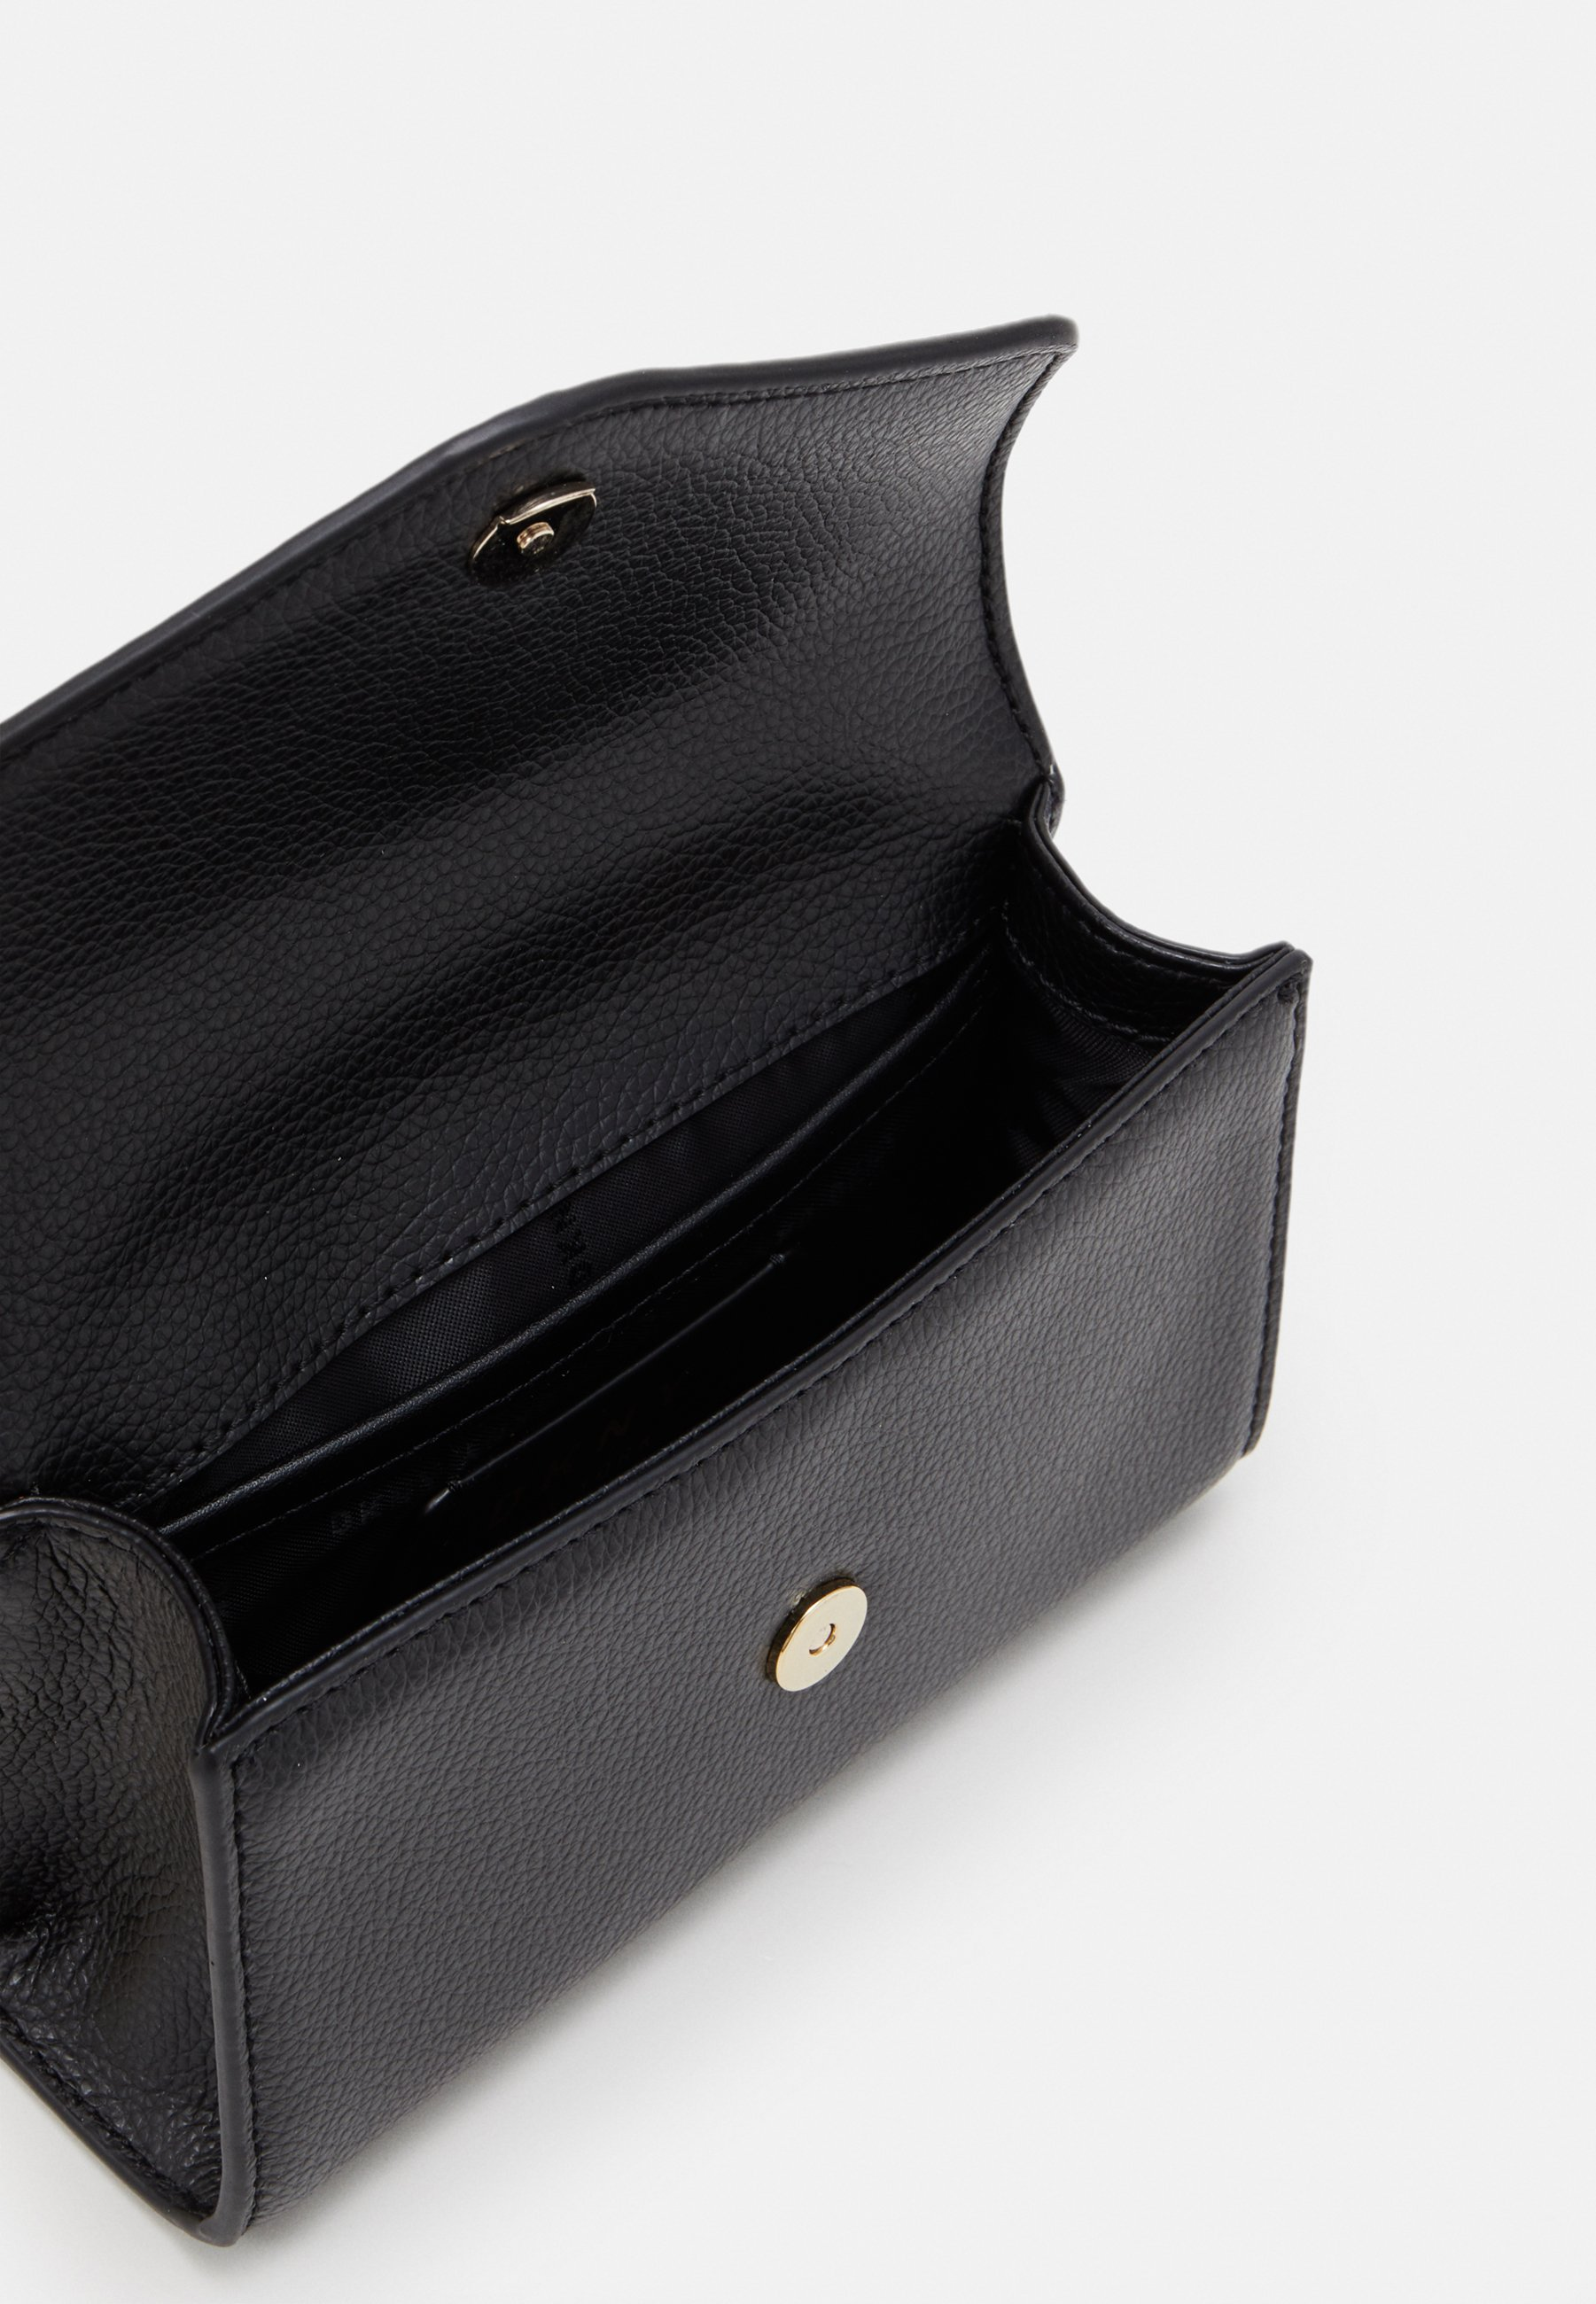 DKNY ELLA MINI FLAP SHOULDER - Skulderveske - black/gold-coloured/svart 43K2GCnEMc4PfnV